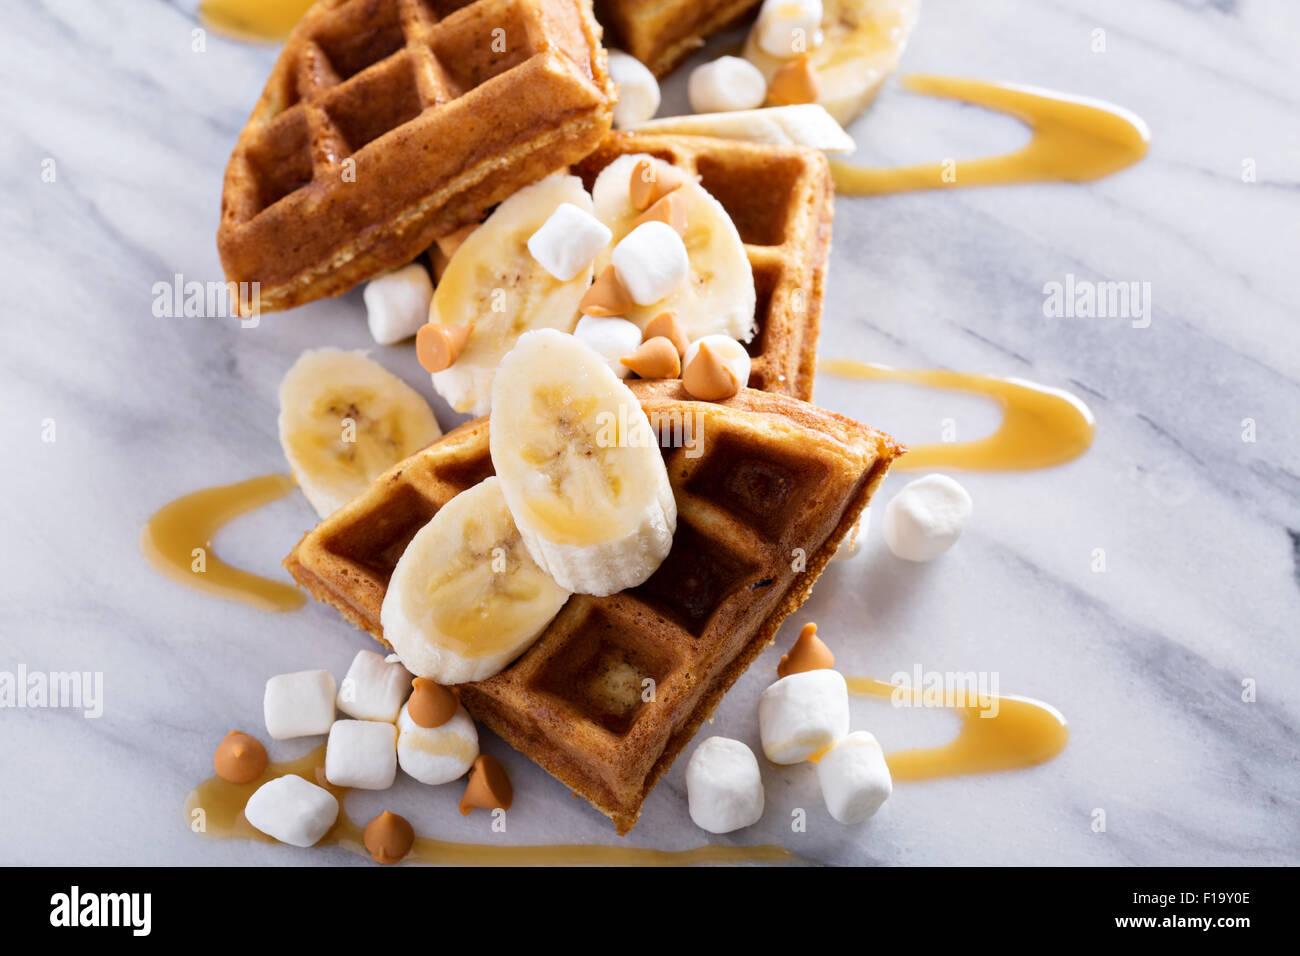 Le cialde con il burro di arachidi e banane e rabboccato con sciroppo di caramello Immagini Stock